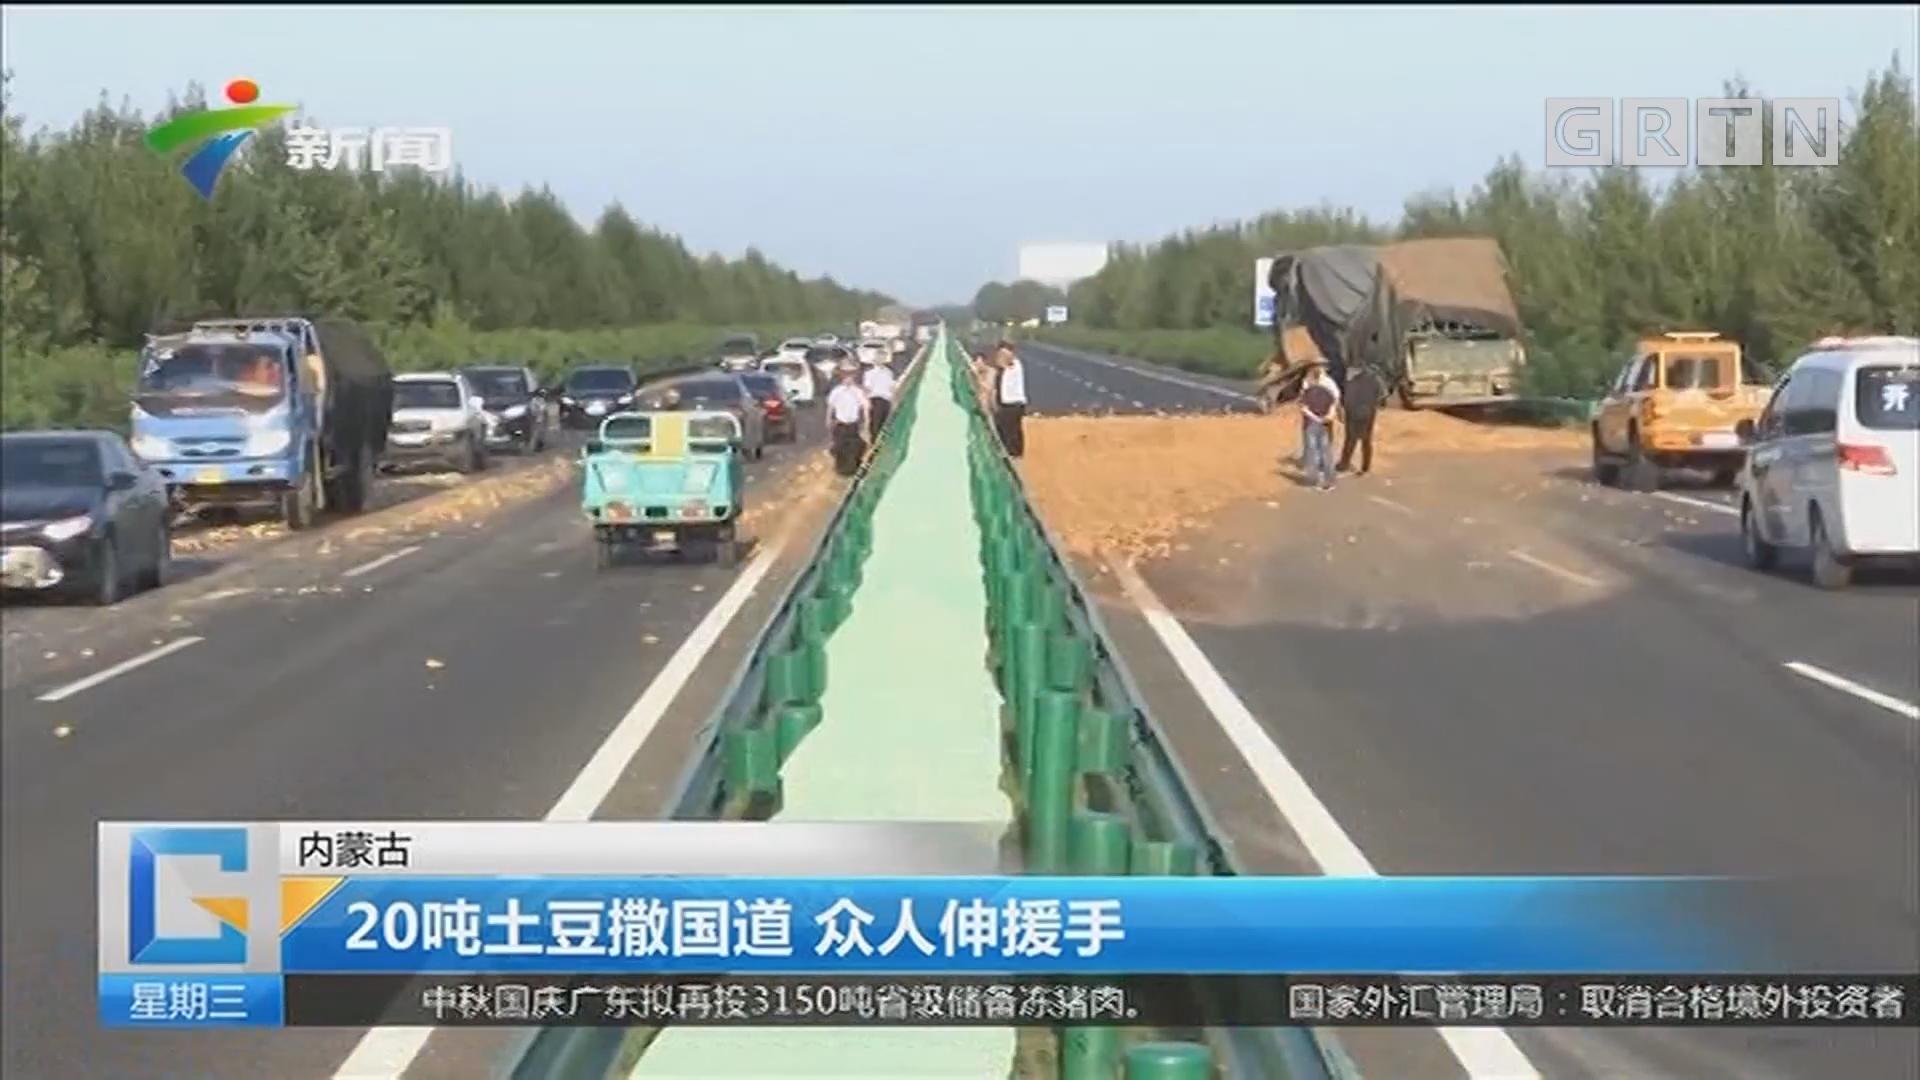 内蒙古 20吨土豆撒国道 众人伸援手